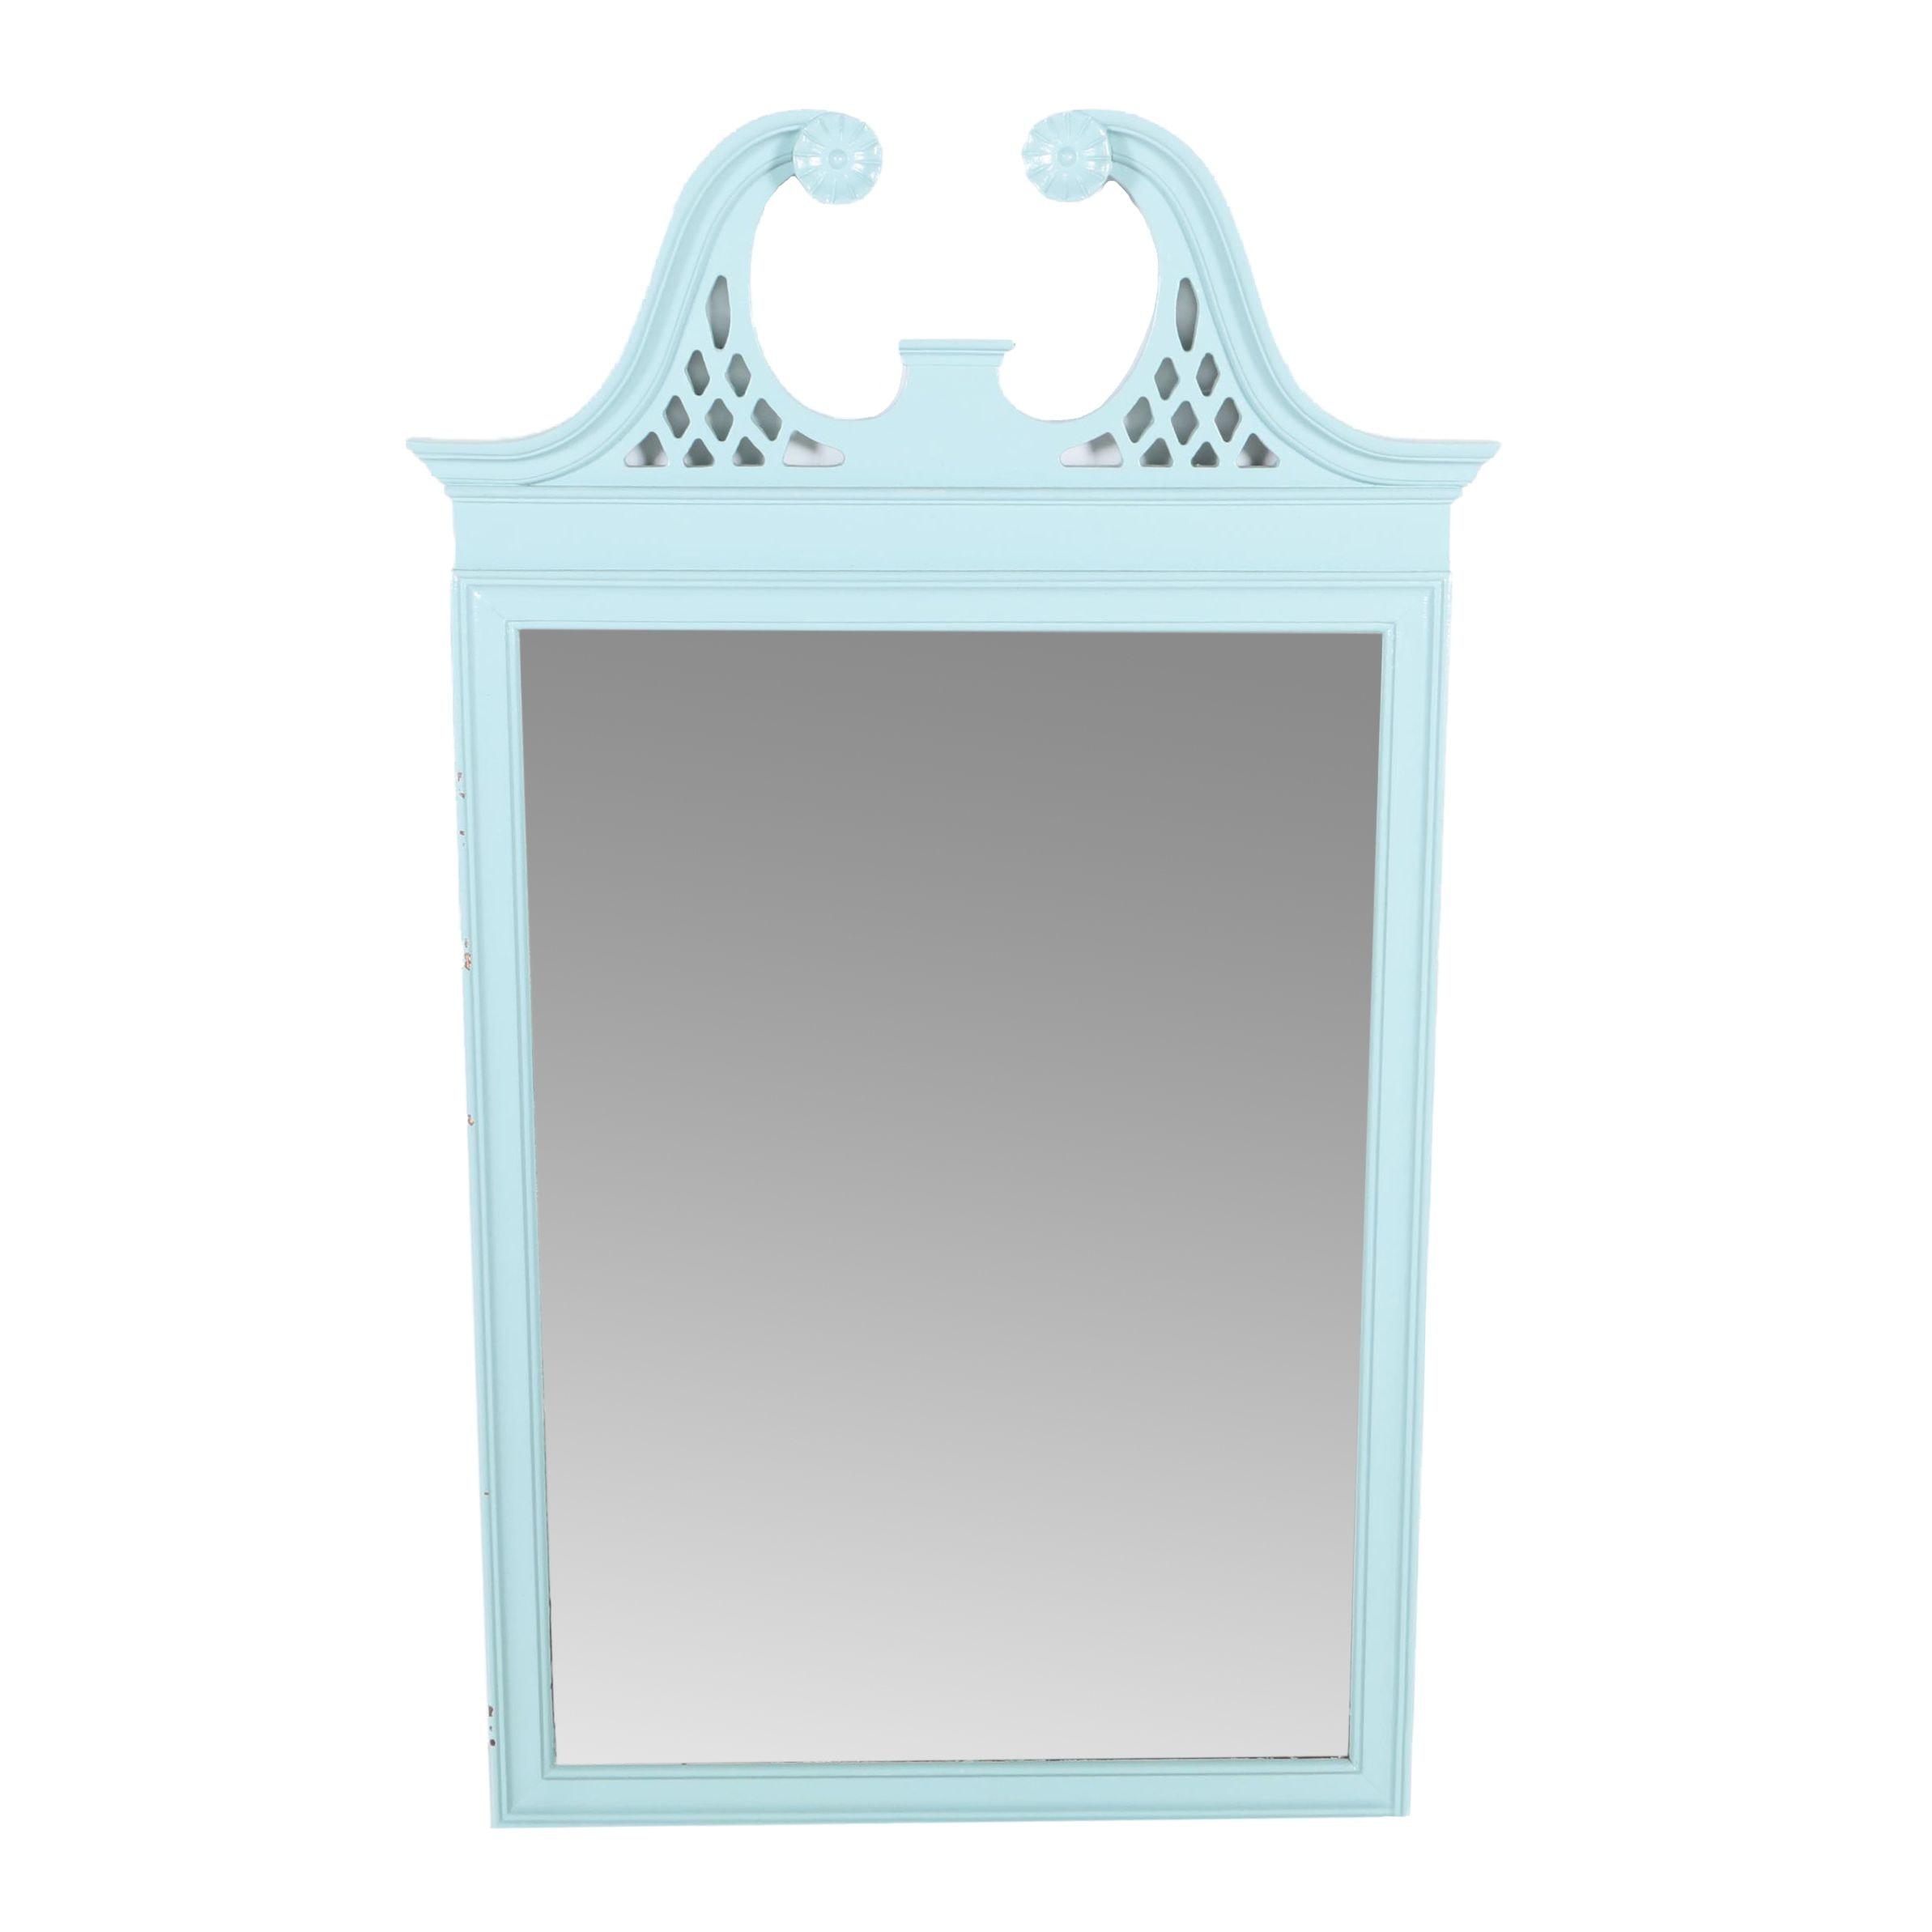 Wood Framed Georgian Style Wall Mirror